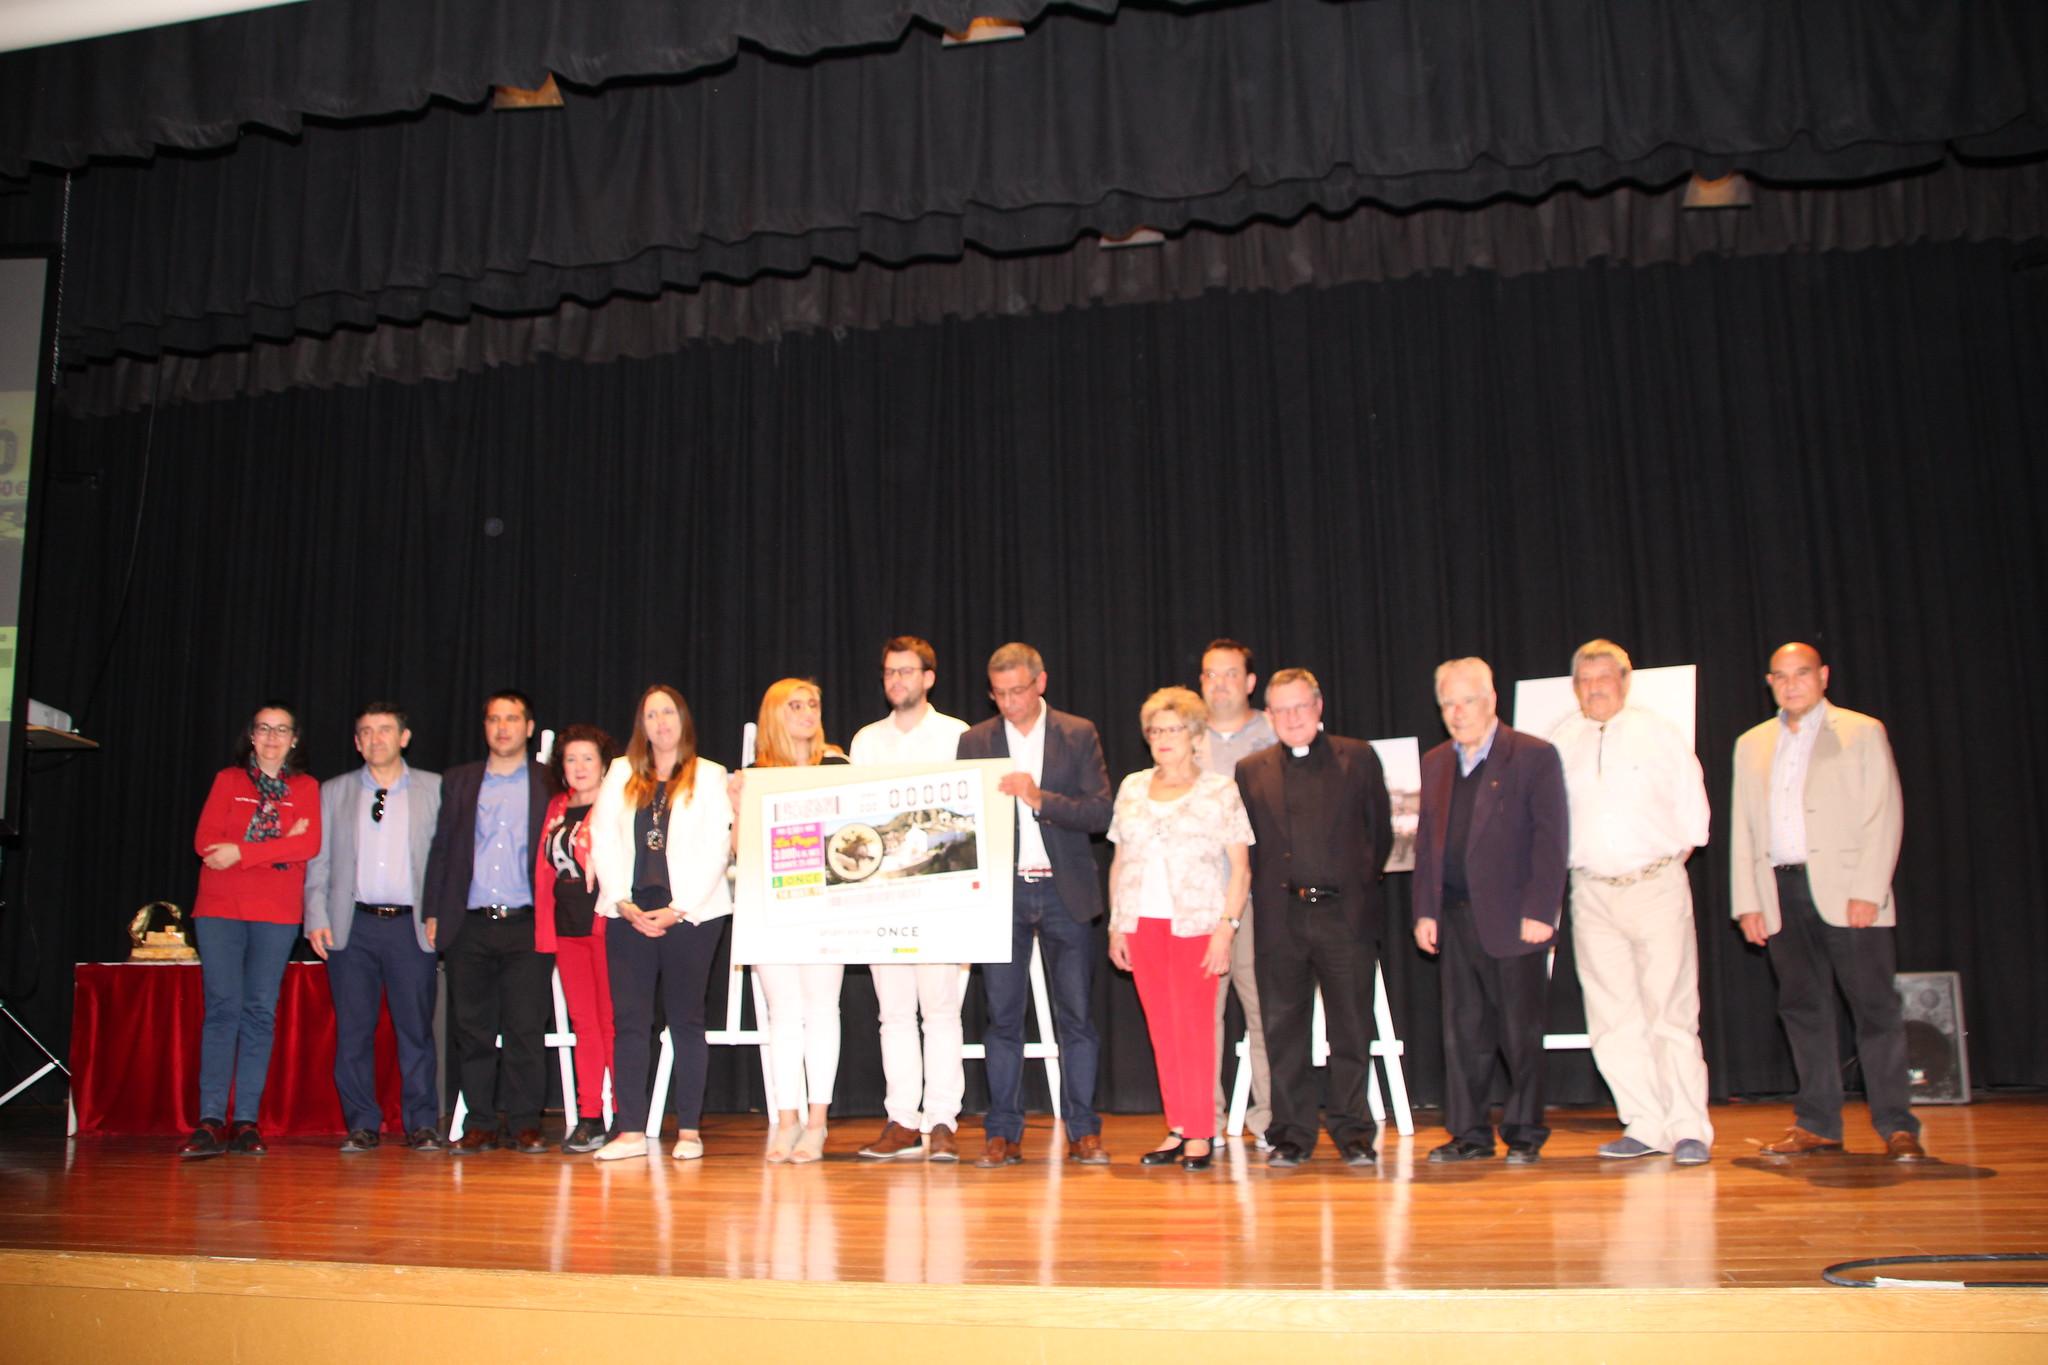 (2019-05-10) - Gala Clausura 75 aniversario - Javier Romero Ripoll (101)